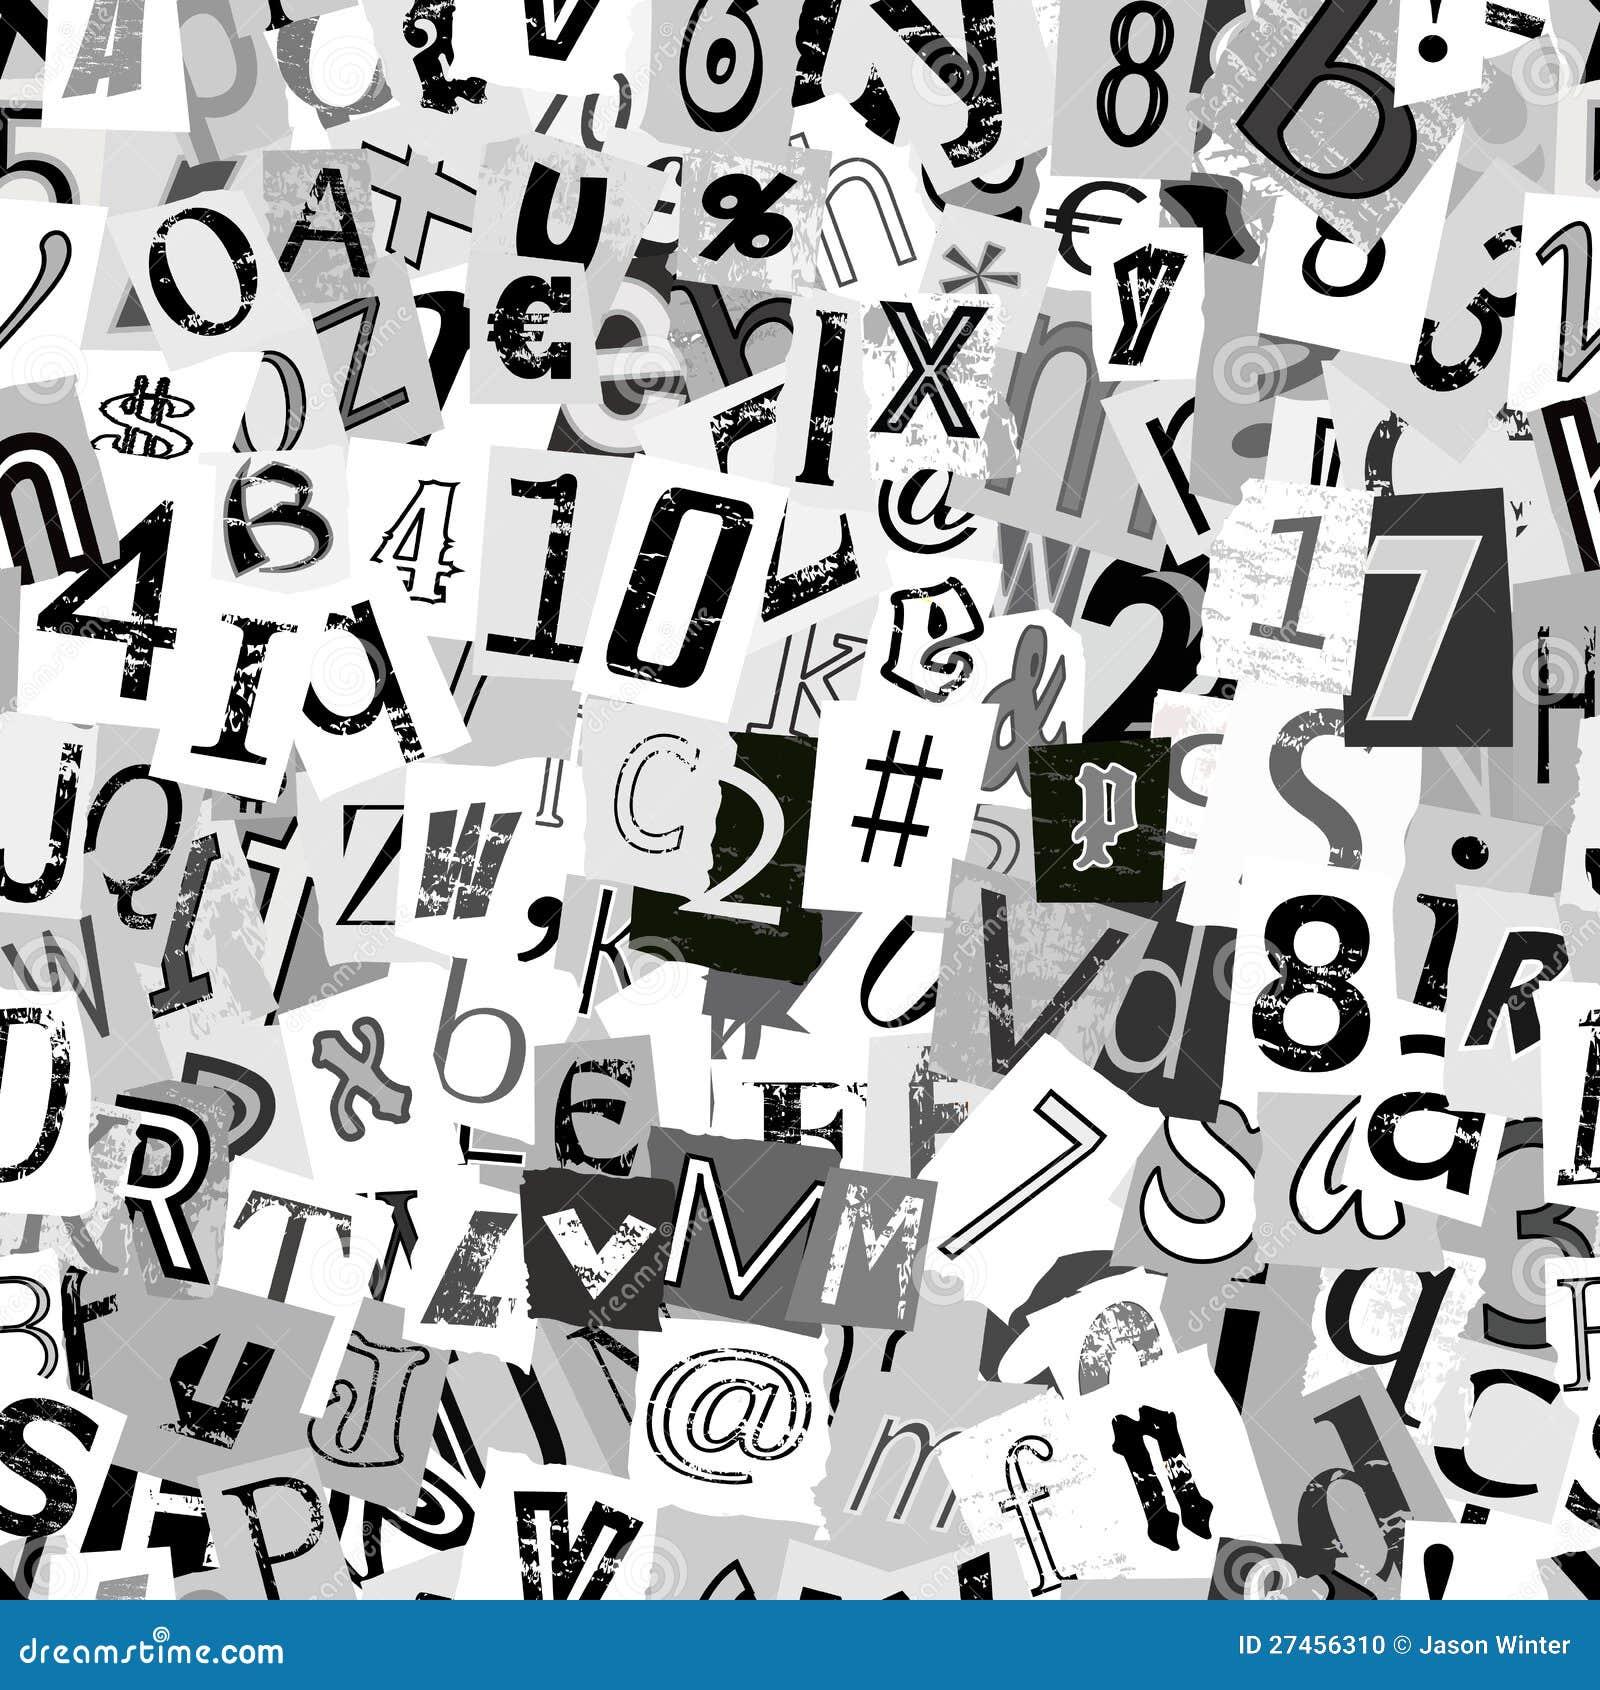 Super Fond De Papier Journal Photo stock - Image: 27456310 OX79